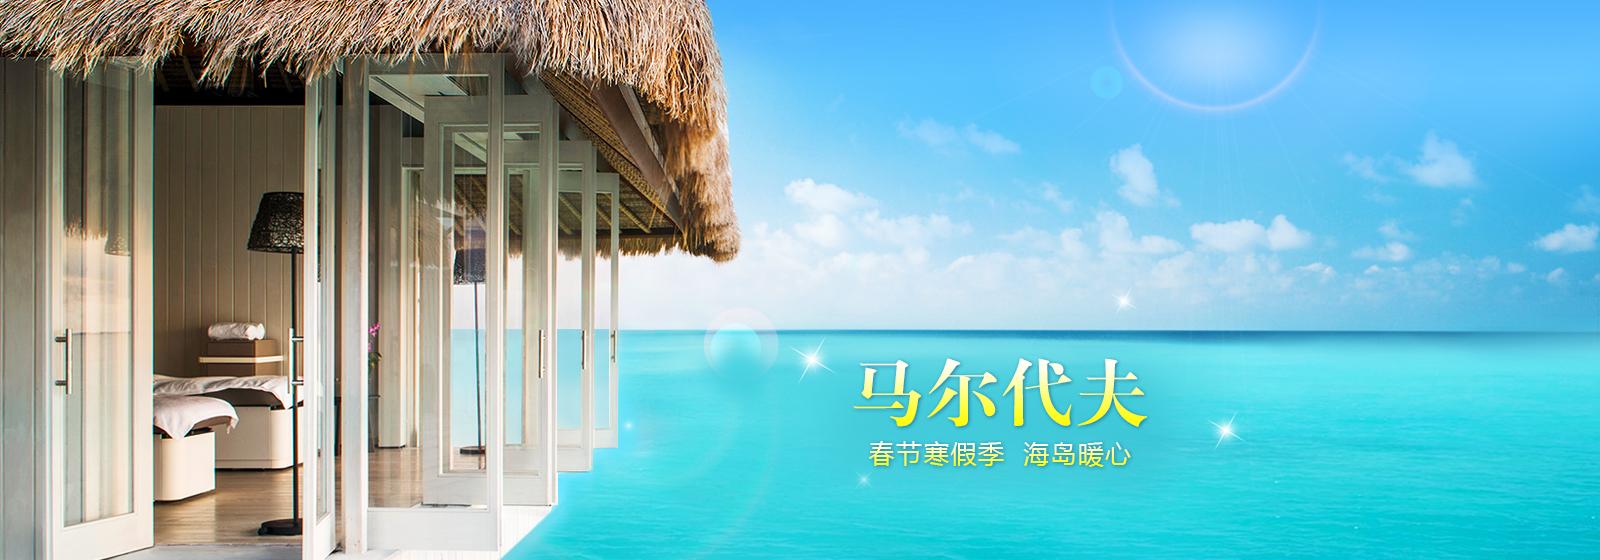 马尔代夫_春节寒假季_海岛暖心